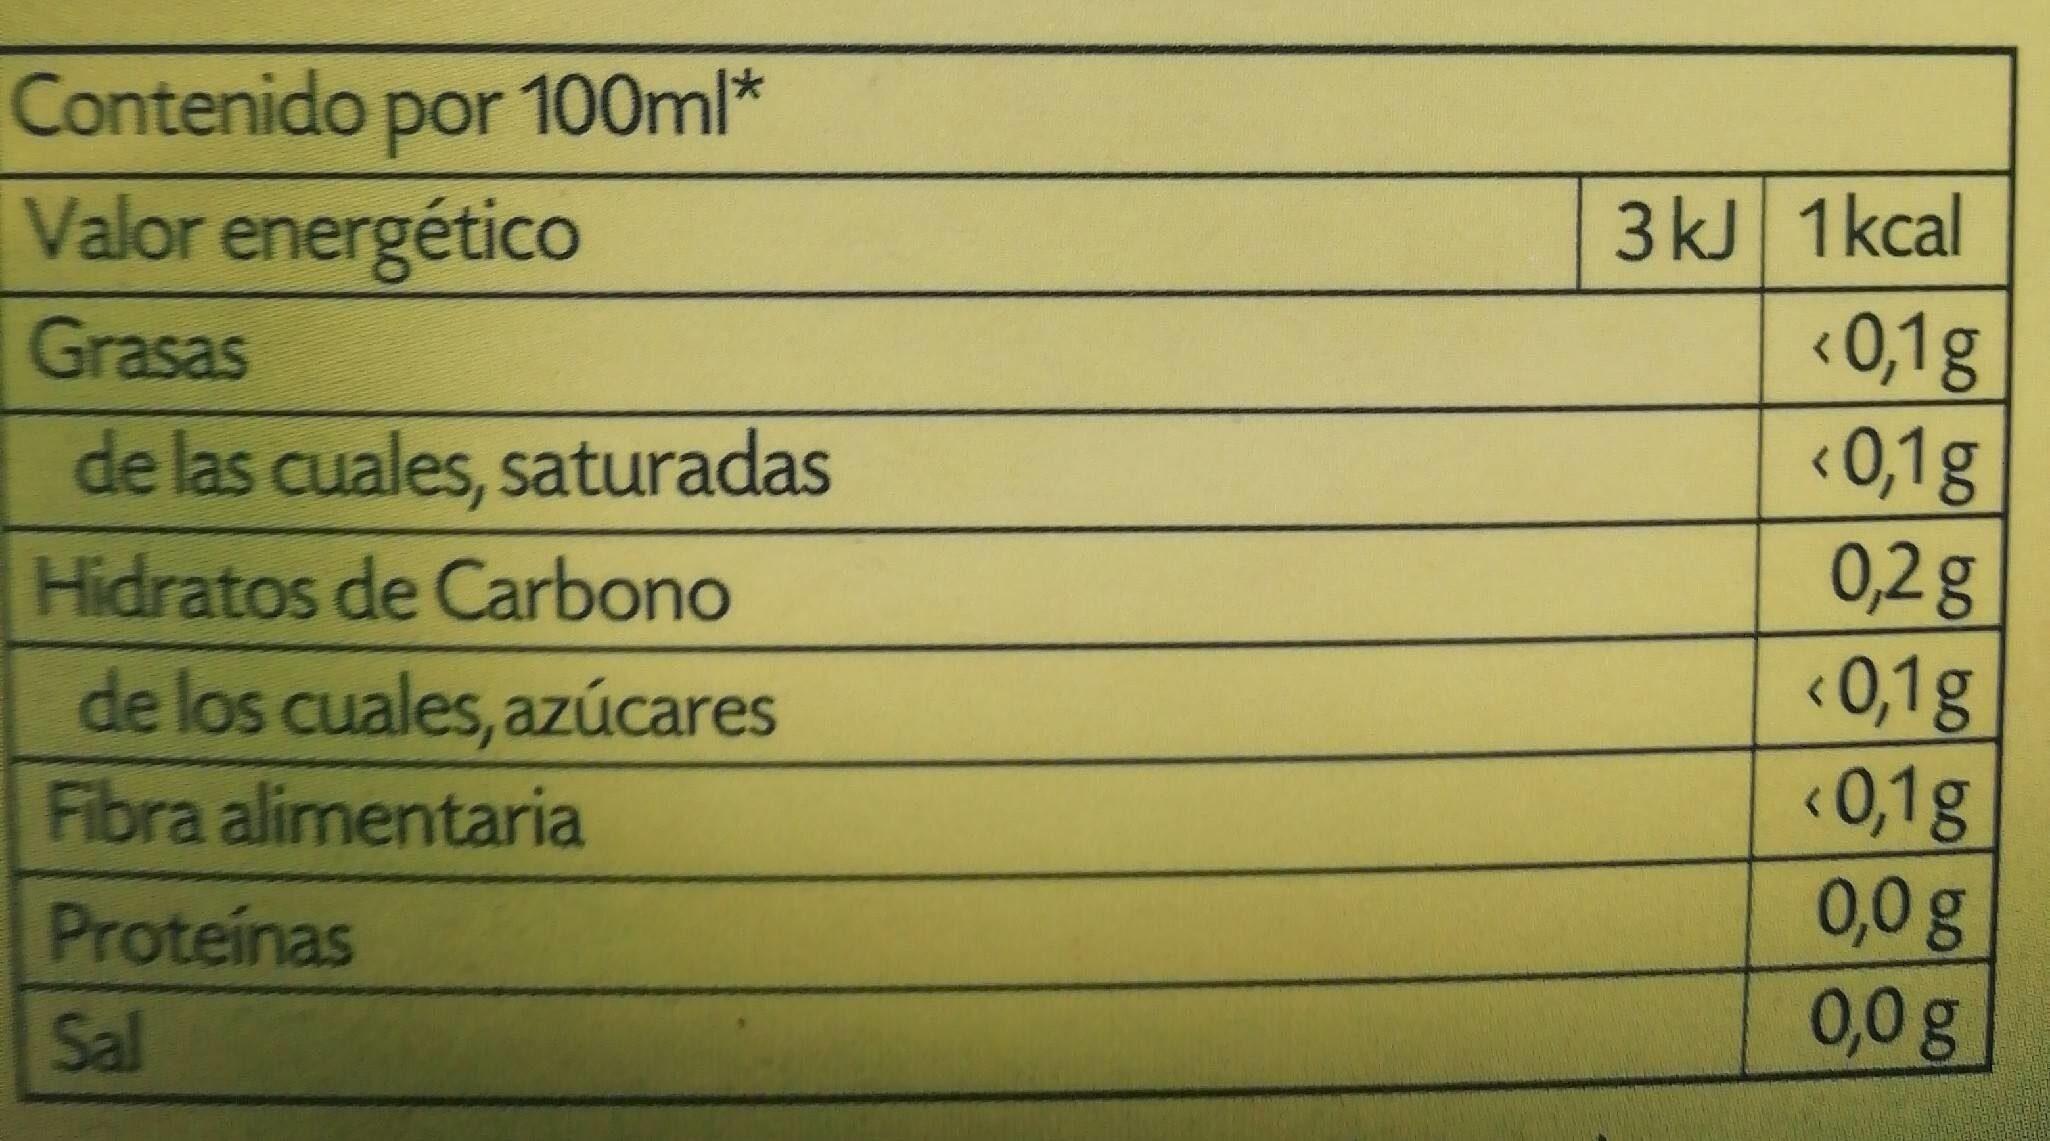 Infusión de hinojo - Nutrition facts - es